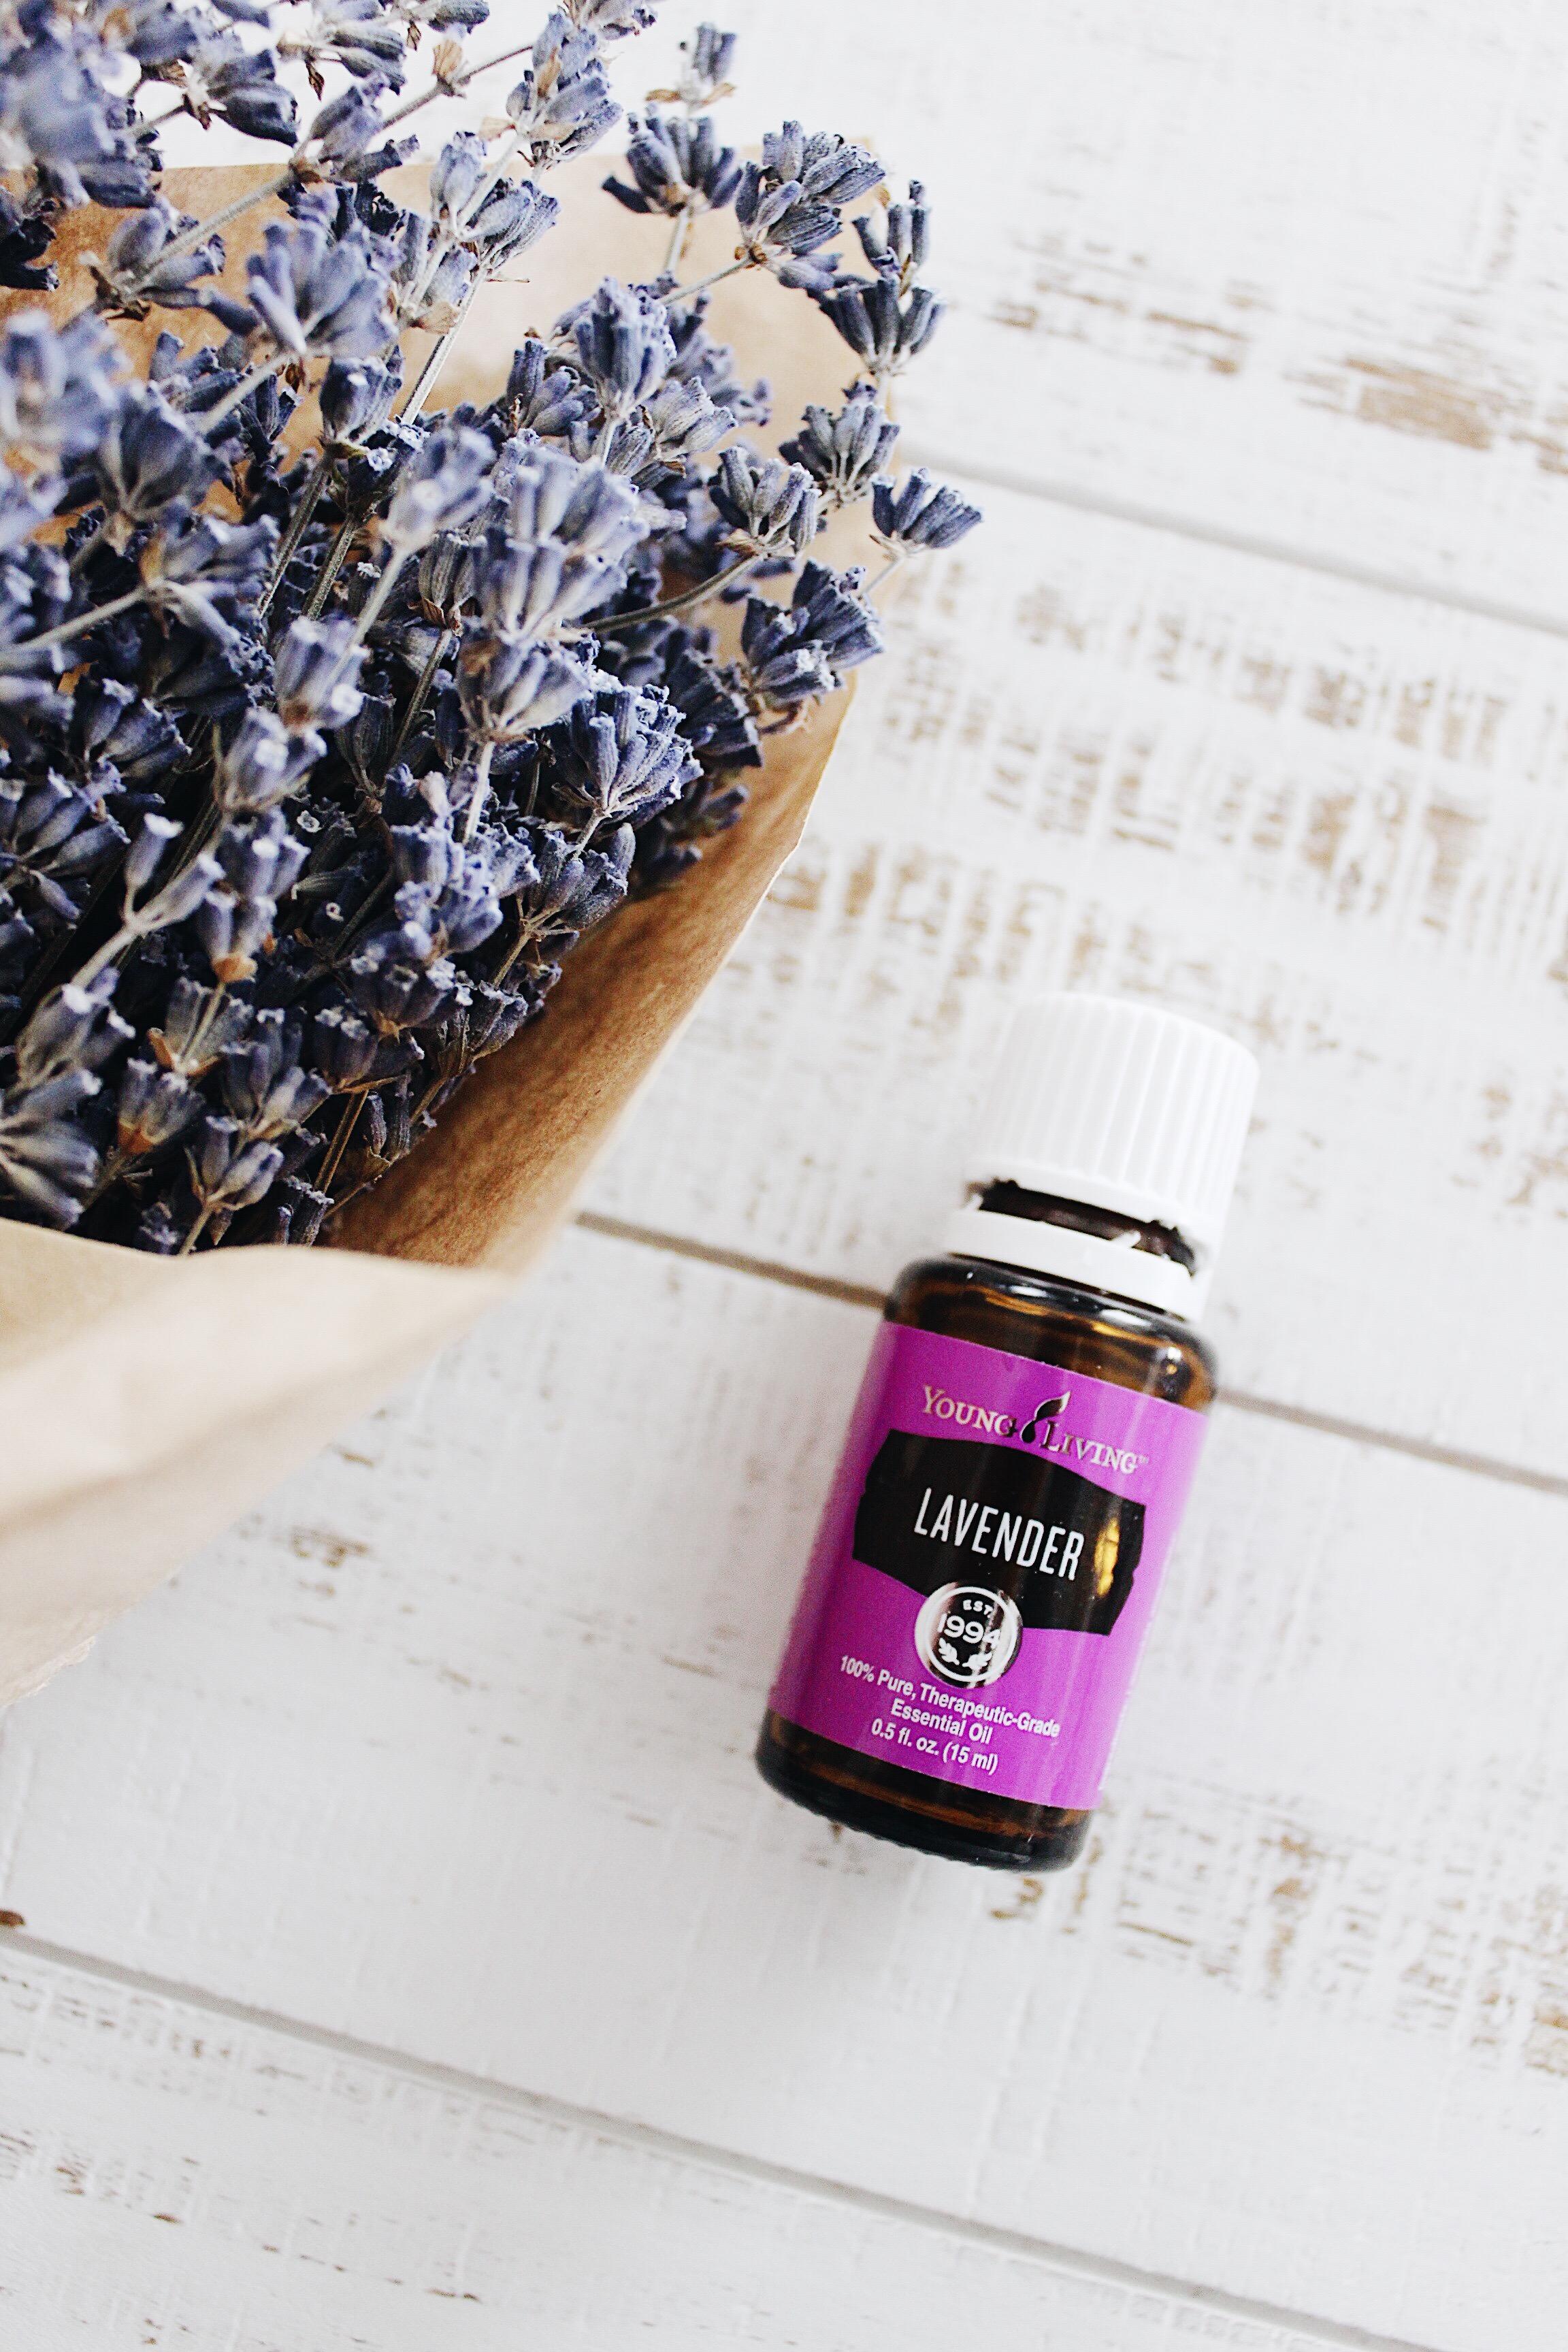 Lavender - sweet, floral